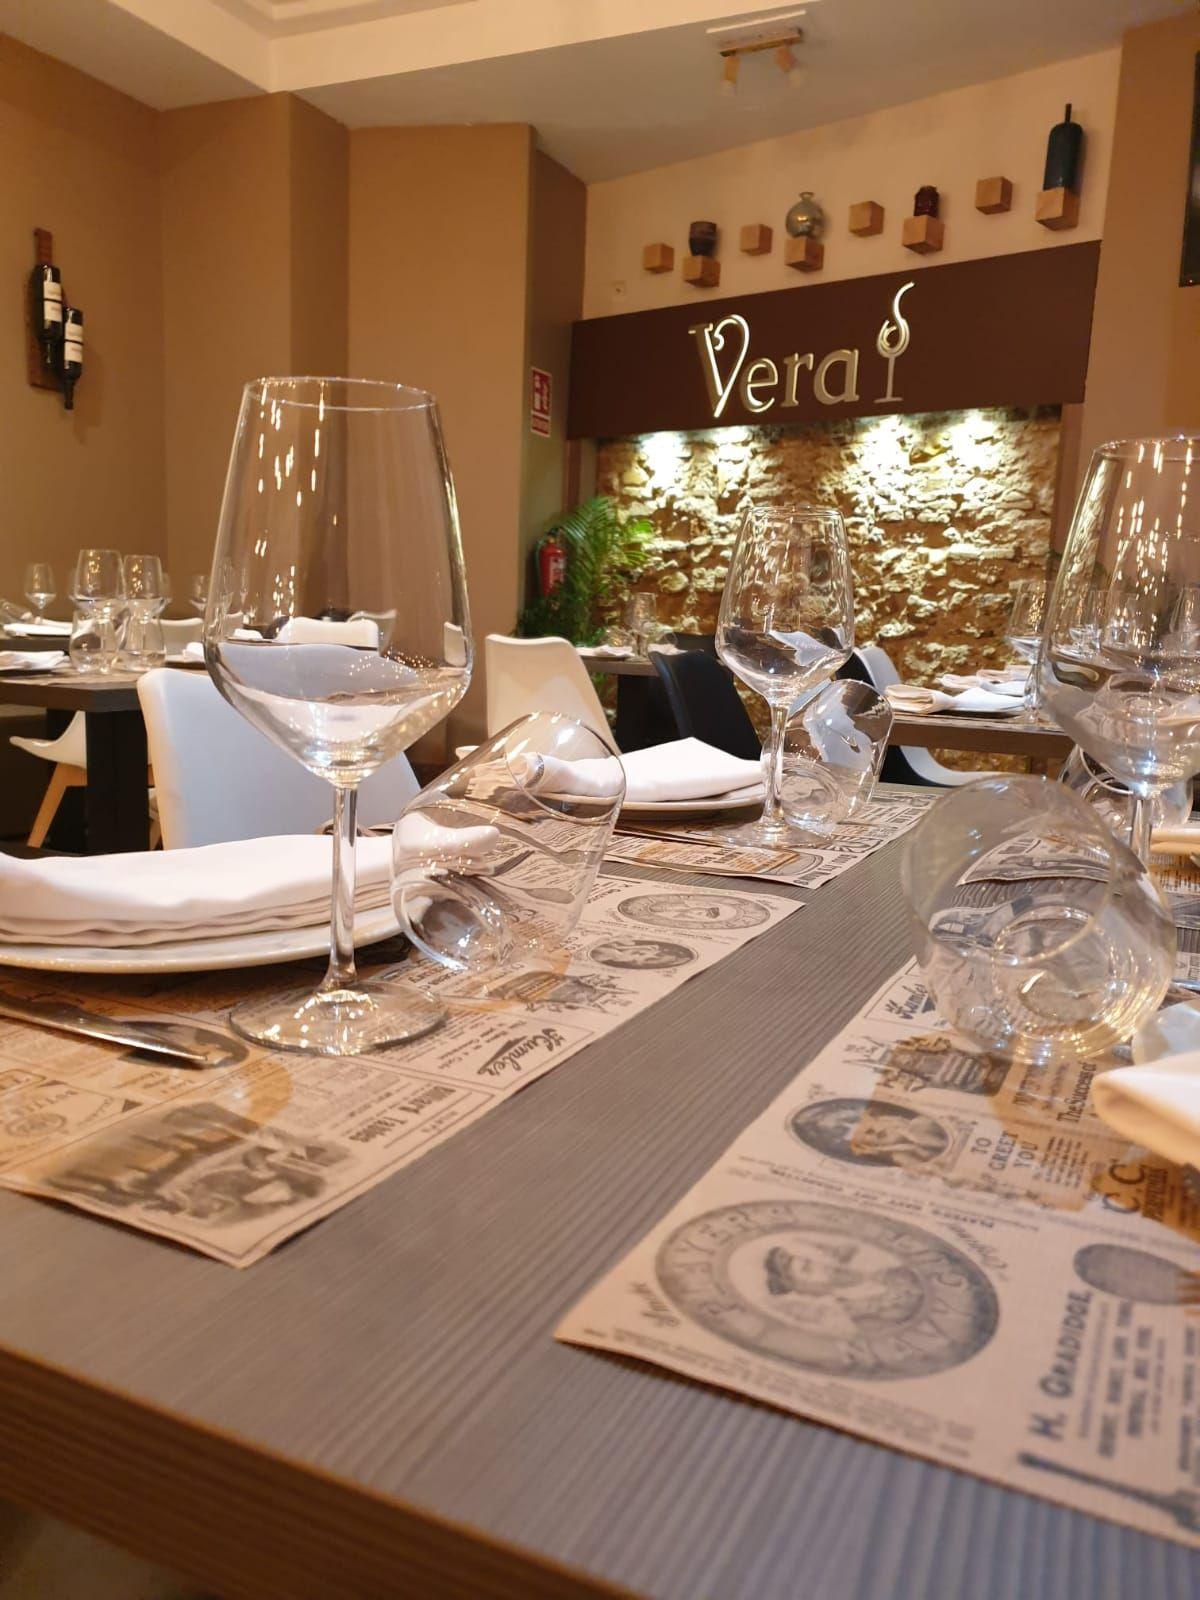 Foto 21 de Restaurante ecuatoriano en Valencia | Vera Restaurante